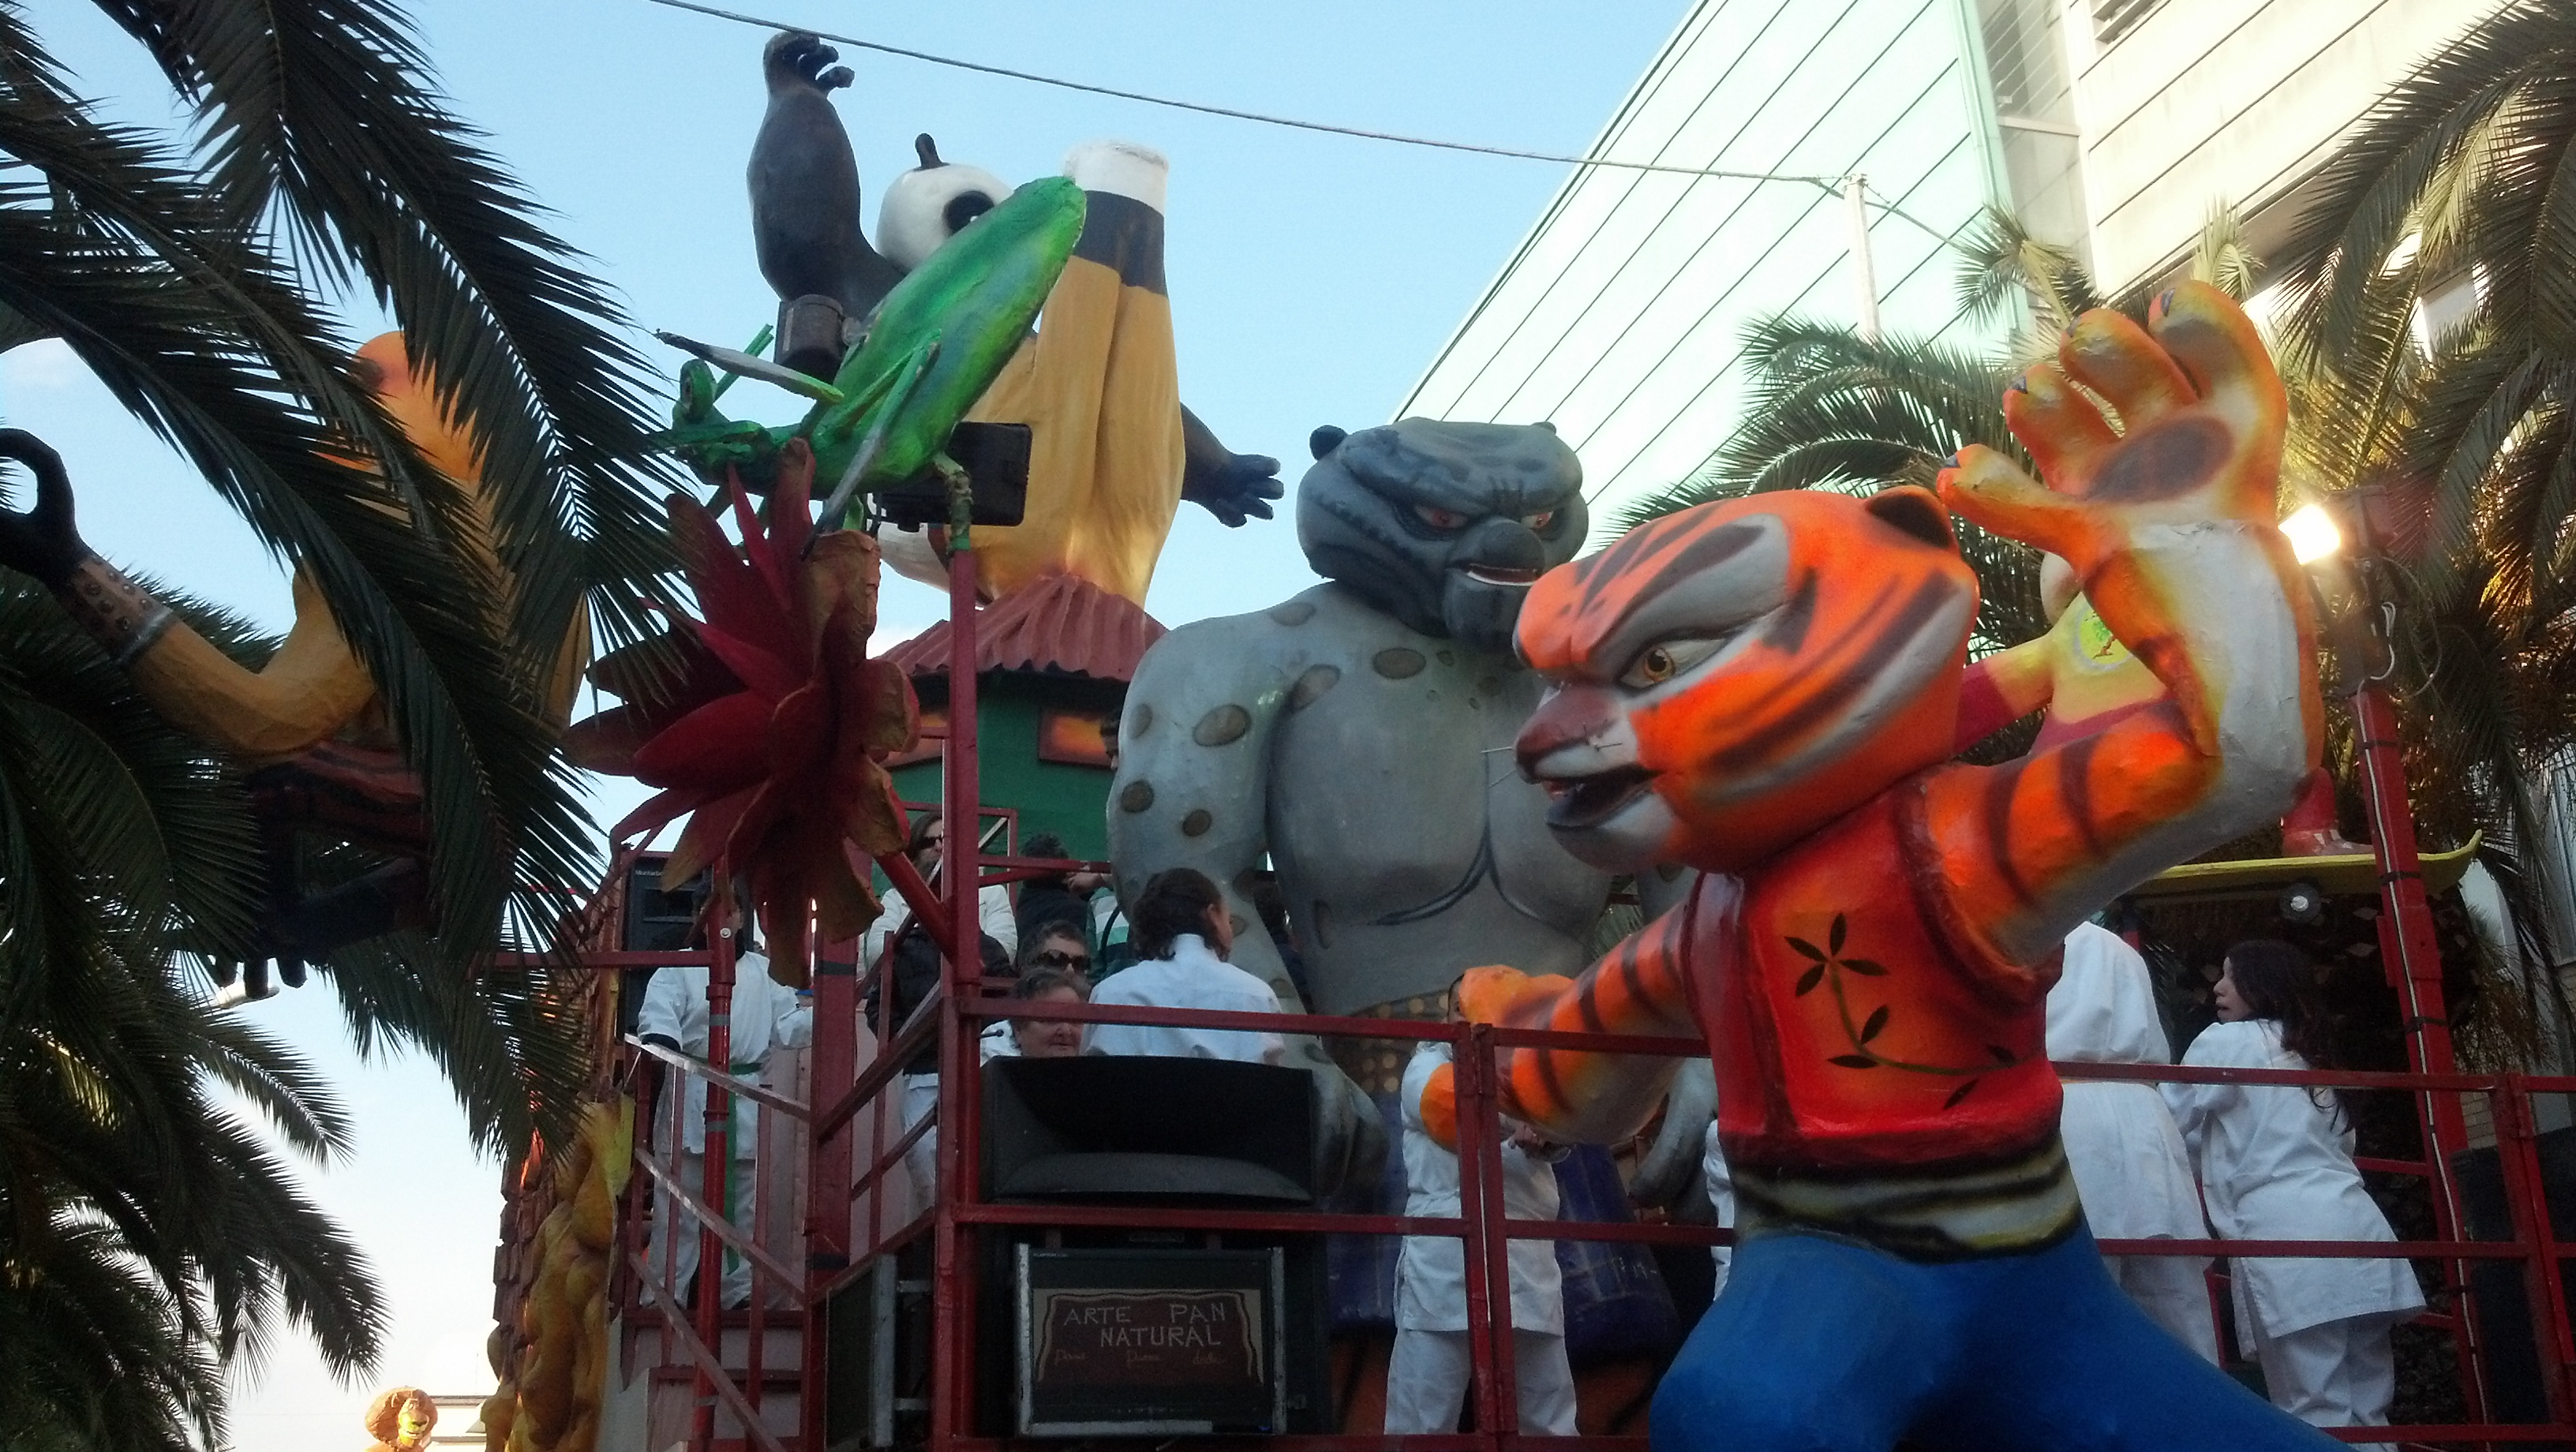 Carnevale San Benedetto 2013 2